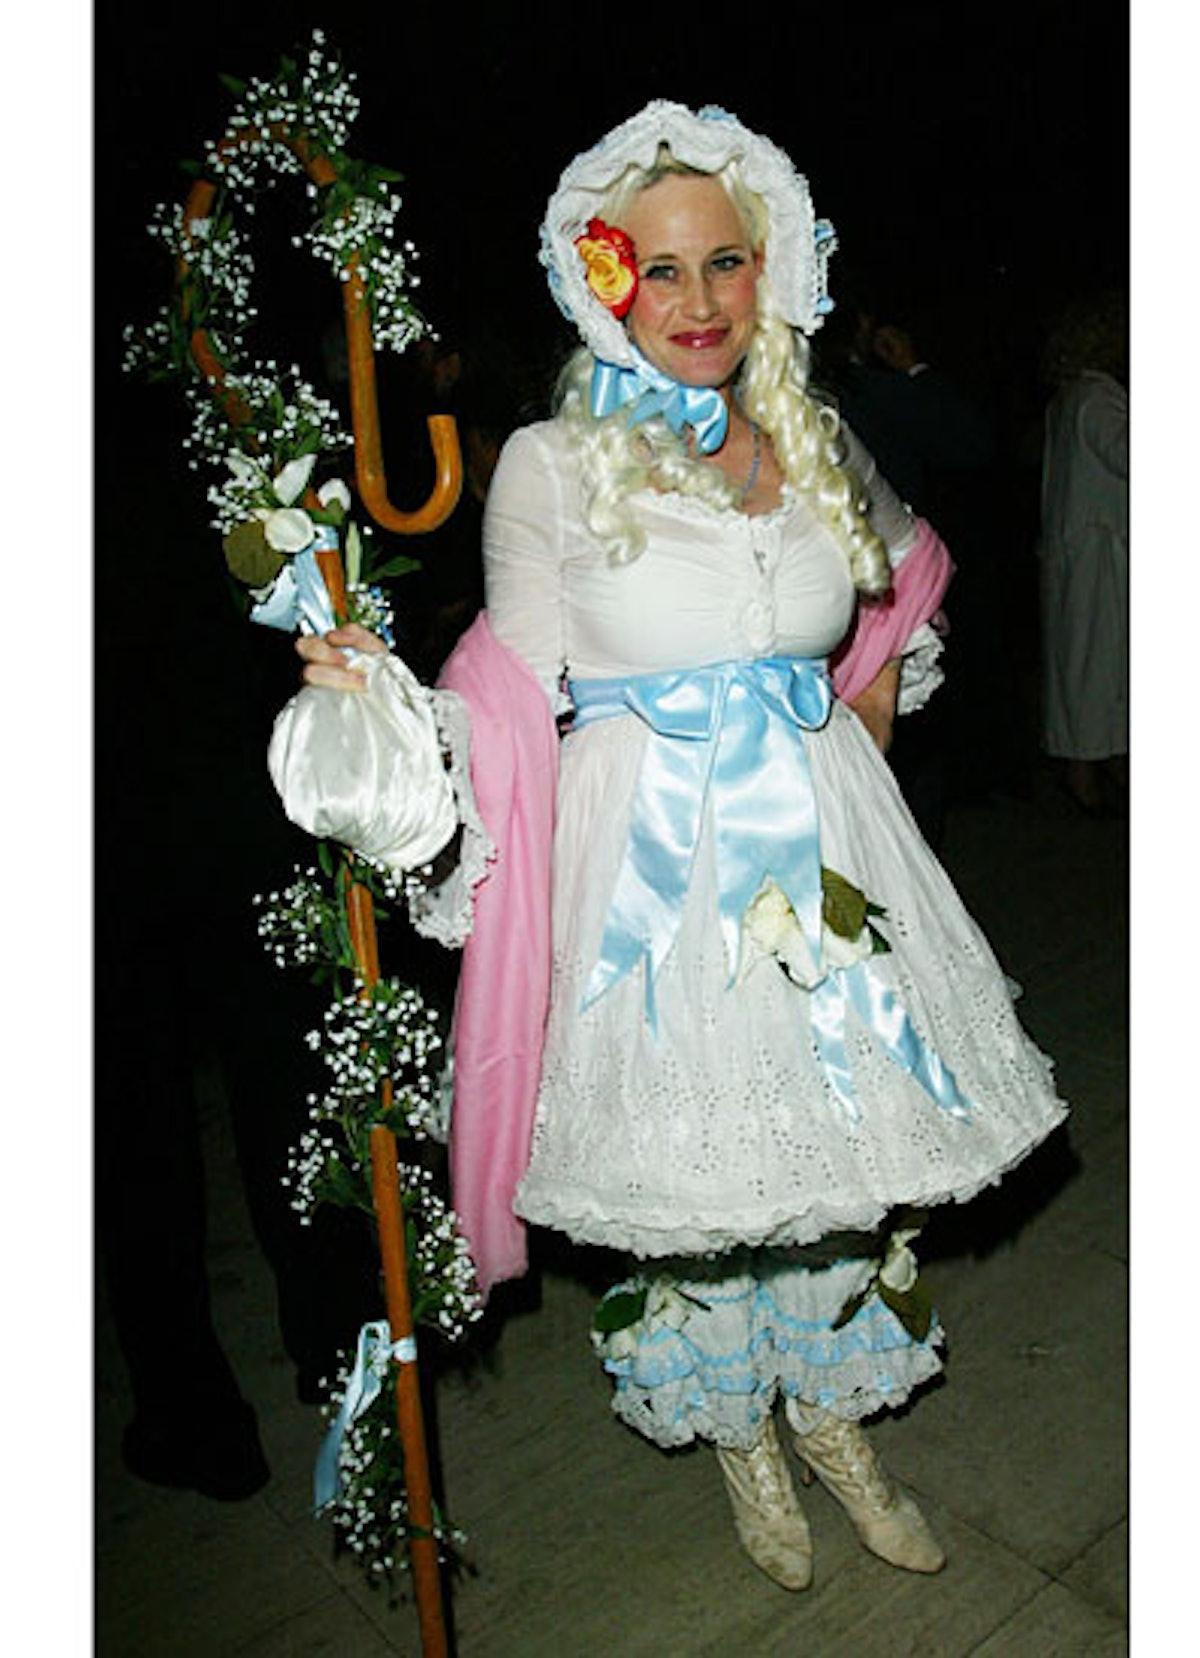 pass-wild-halloween-costumes-16-v.jpg